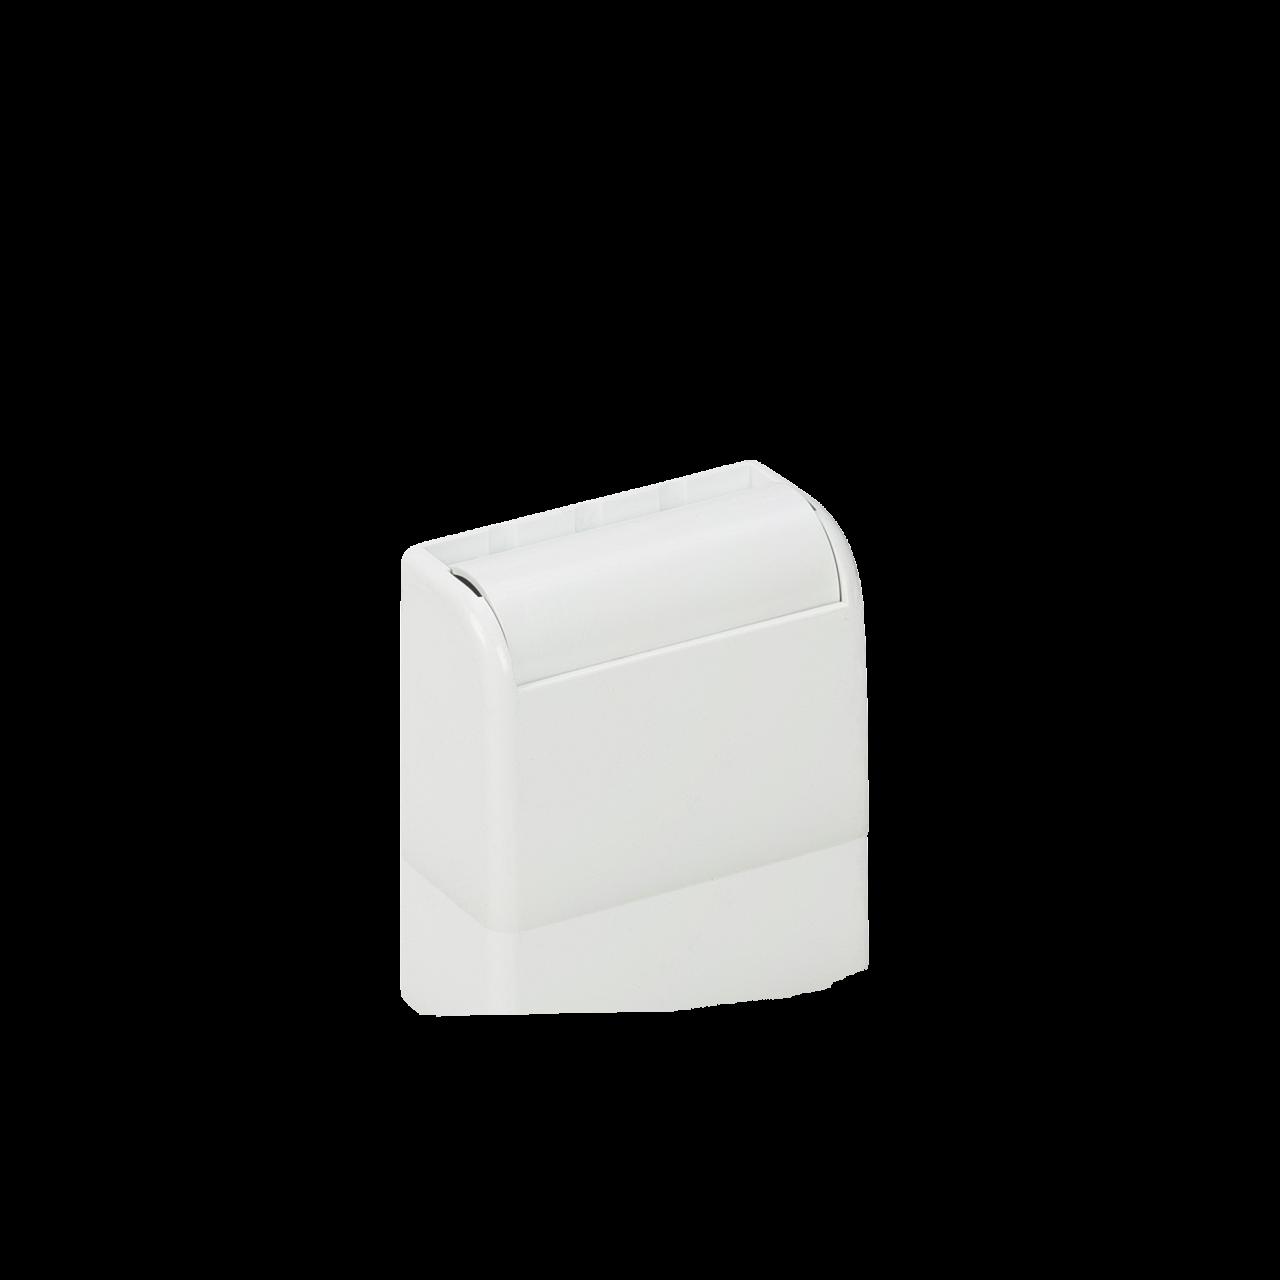 Rollkopf groß,einseitig ausrollbar für 55, 75 und 100 ml